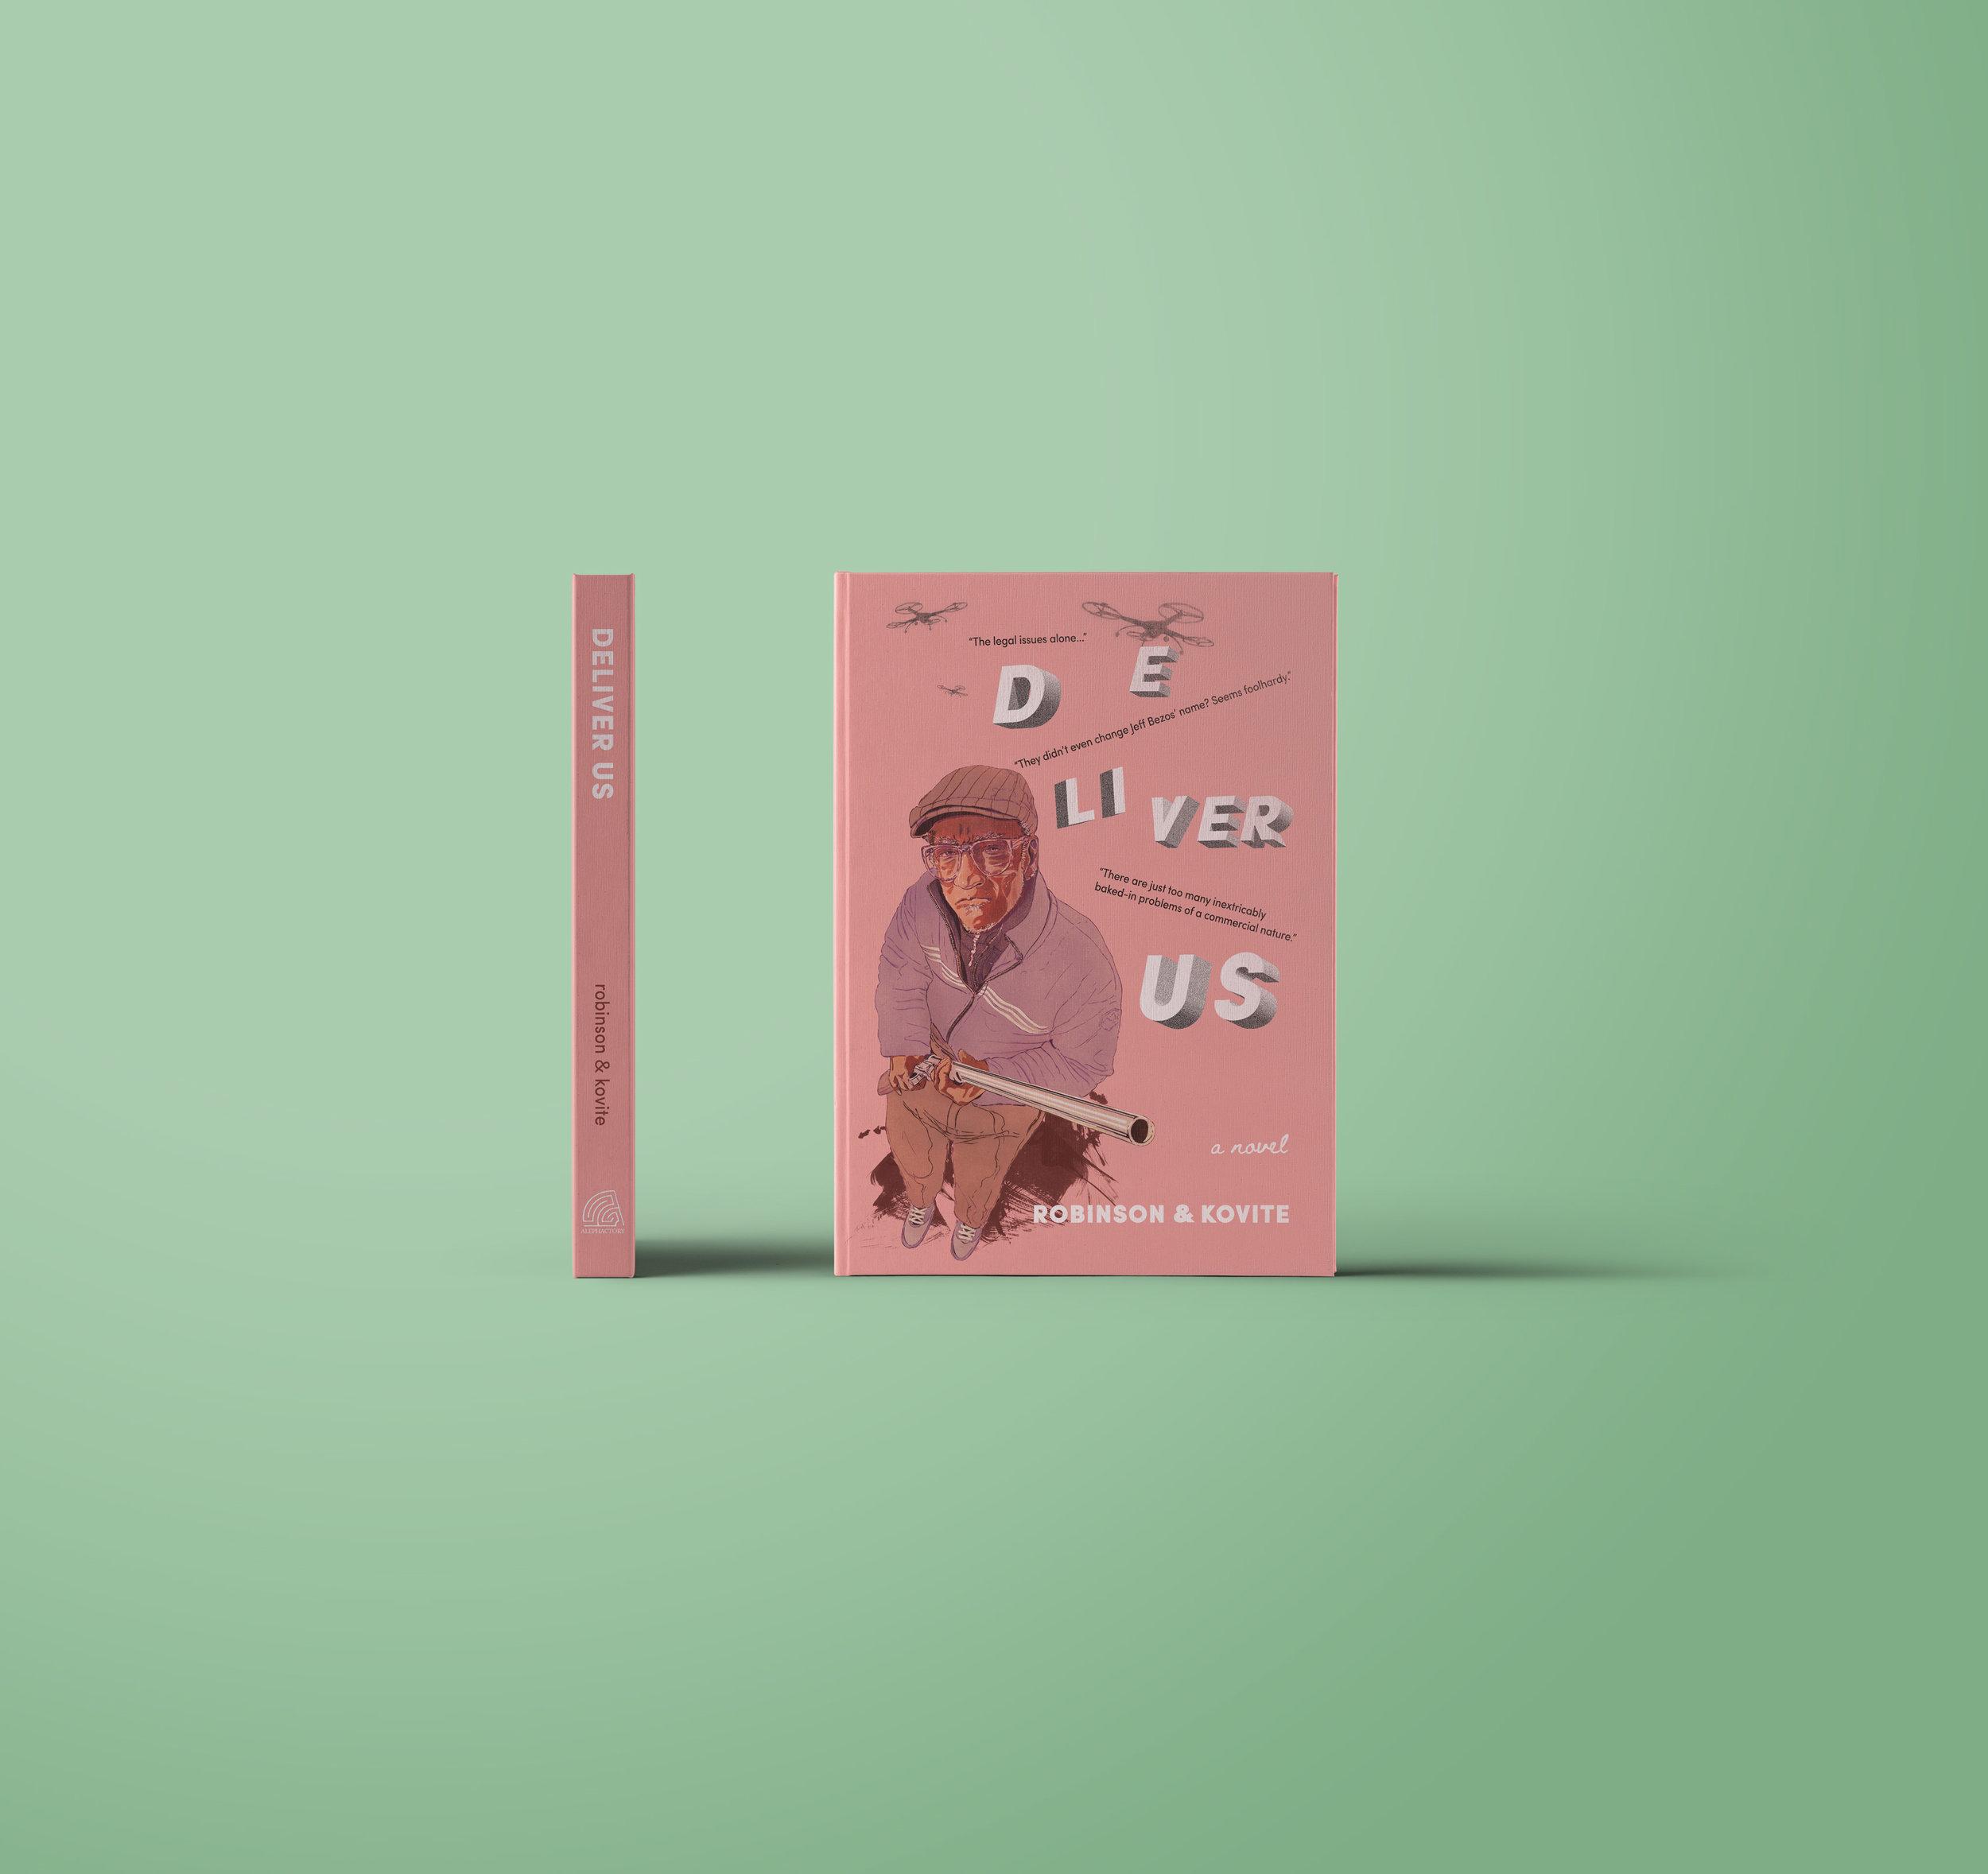 deliver_us-book_mock_02.jpg